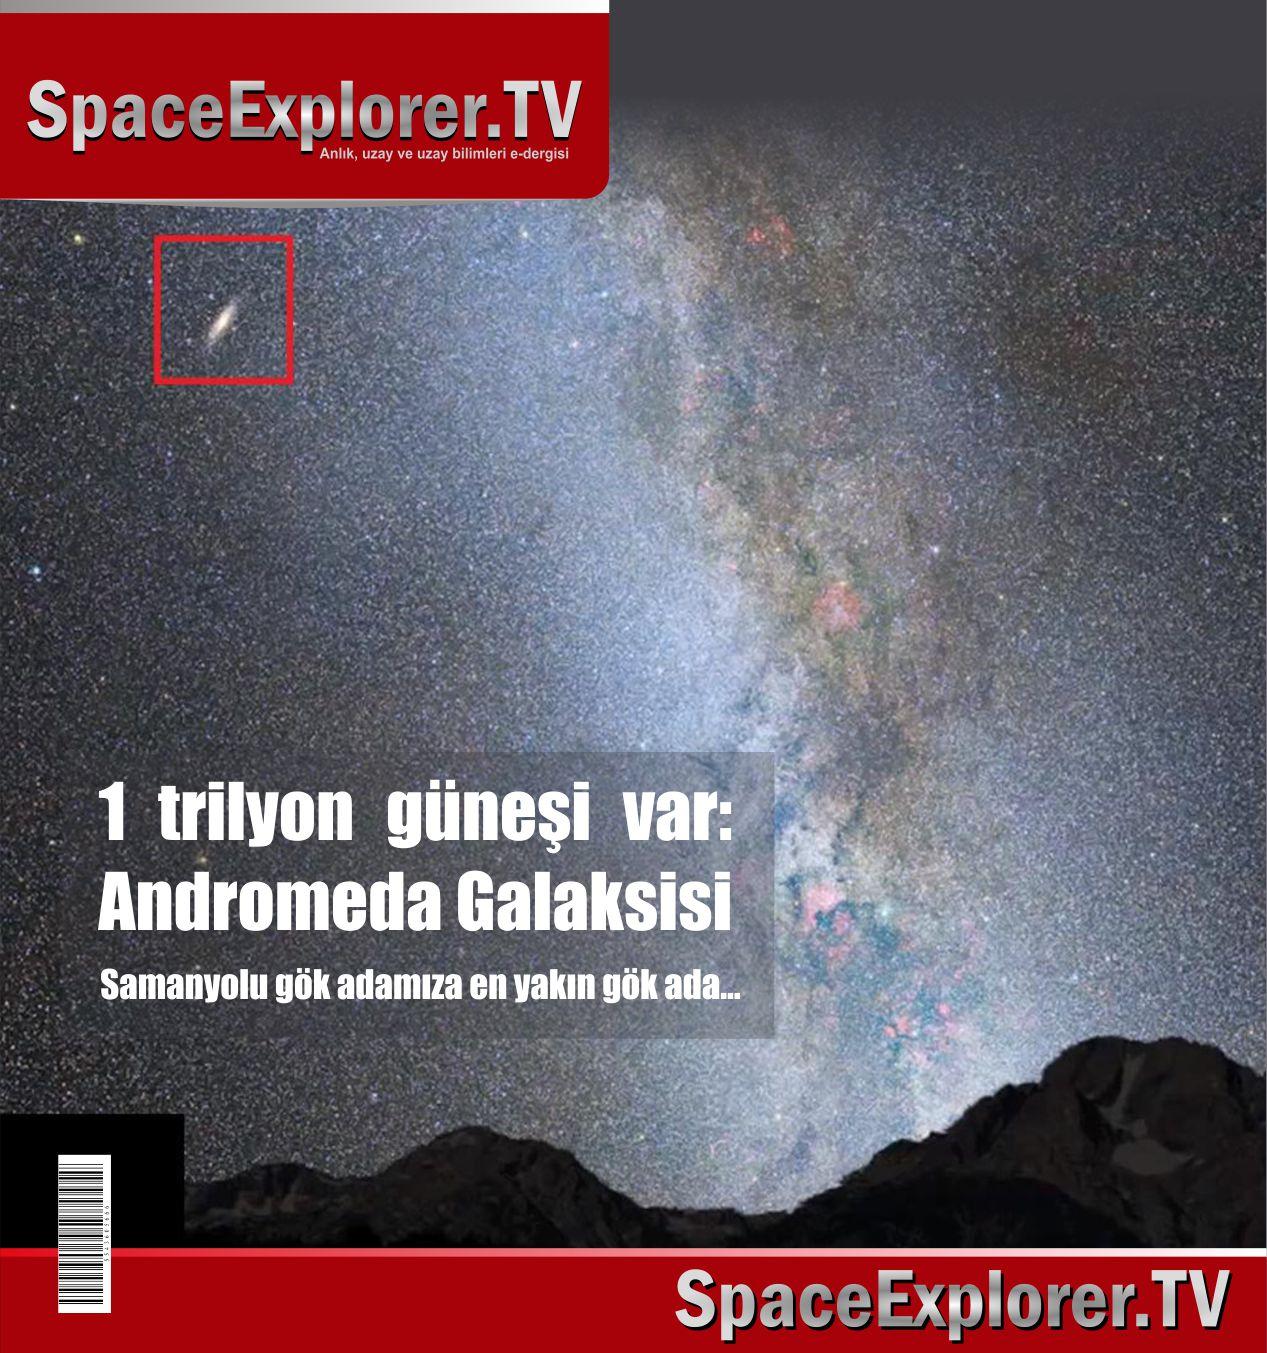 Abdurrahman el Sufi, Andromeda gök adası, Andromeda takım yıldızı, Galaksiler, Gök adalar, İsaac Roberts, Samanyolu galaksisi, Samanyolu gök adası,